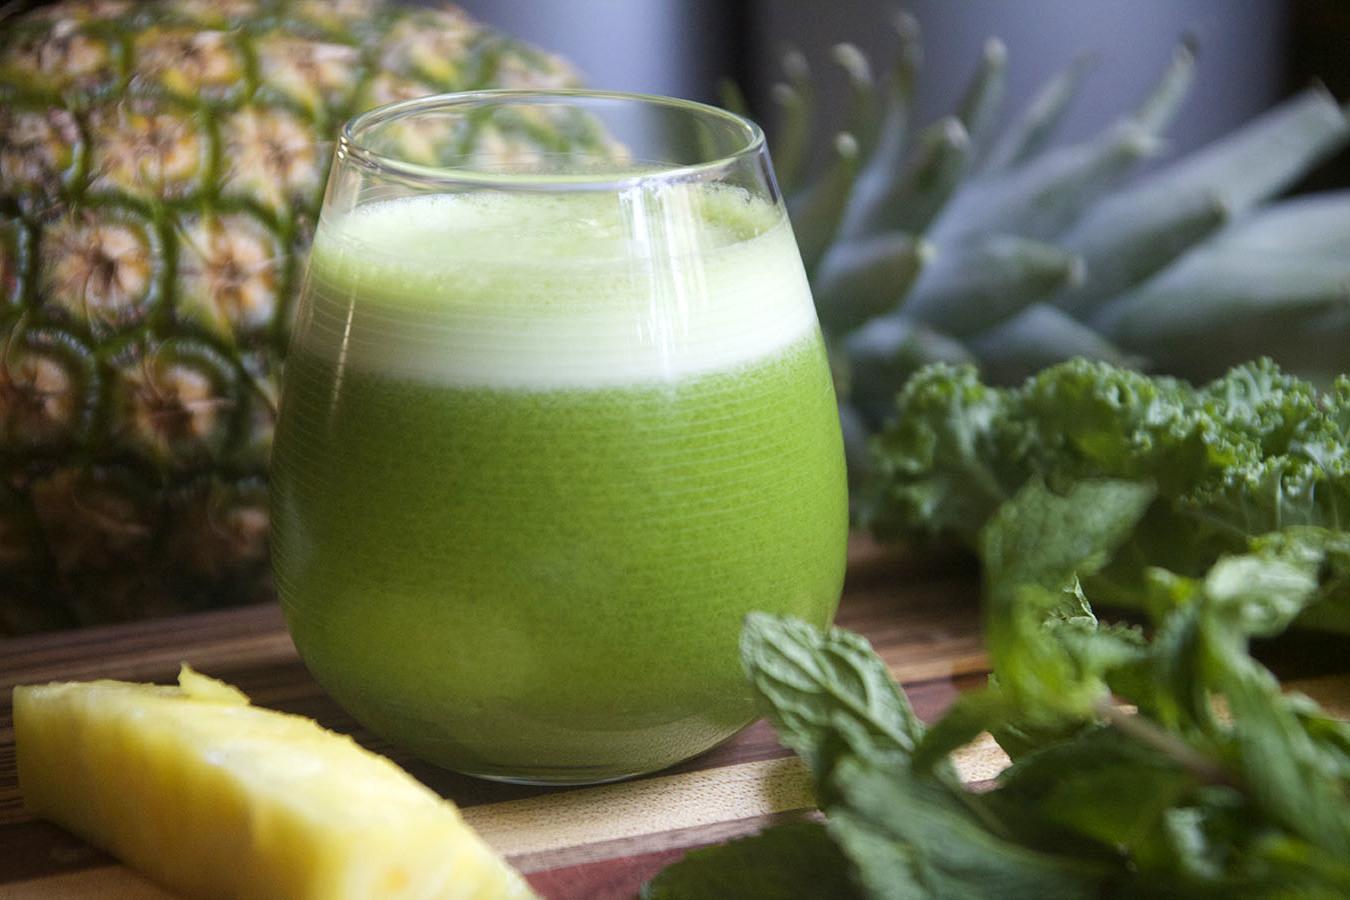 Os Melhores Sucos Verdes Para Limpar o Cólon e Perder Peso